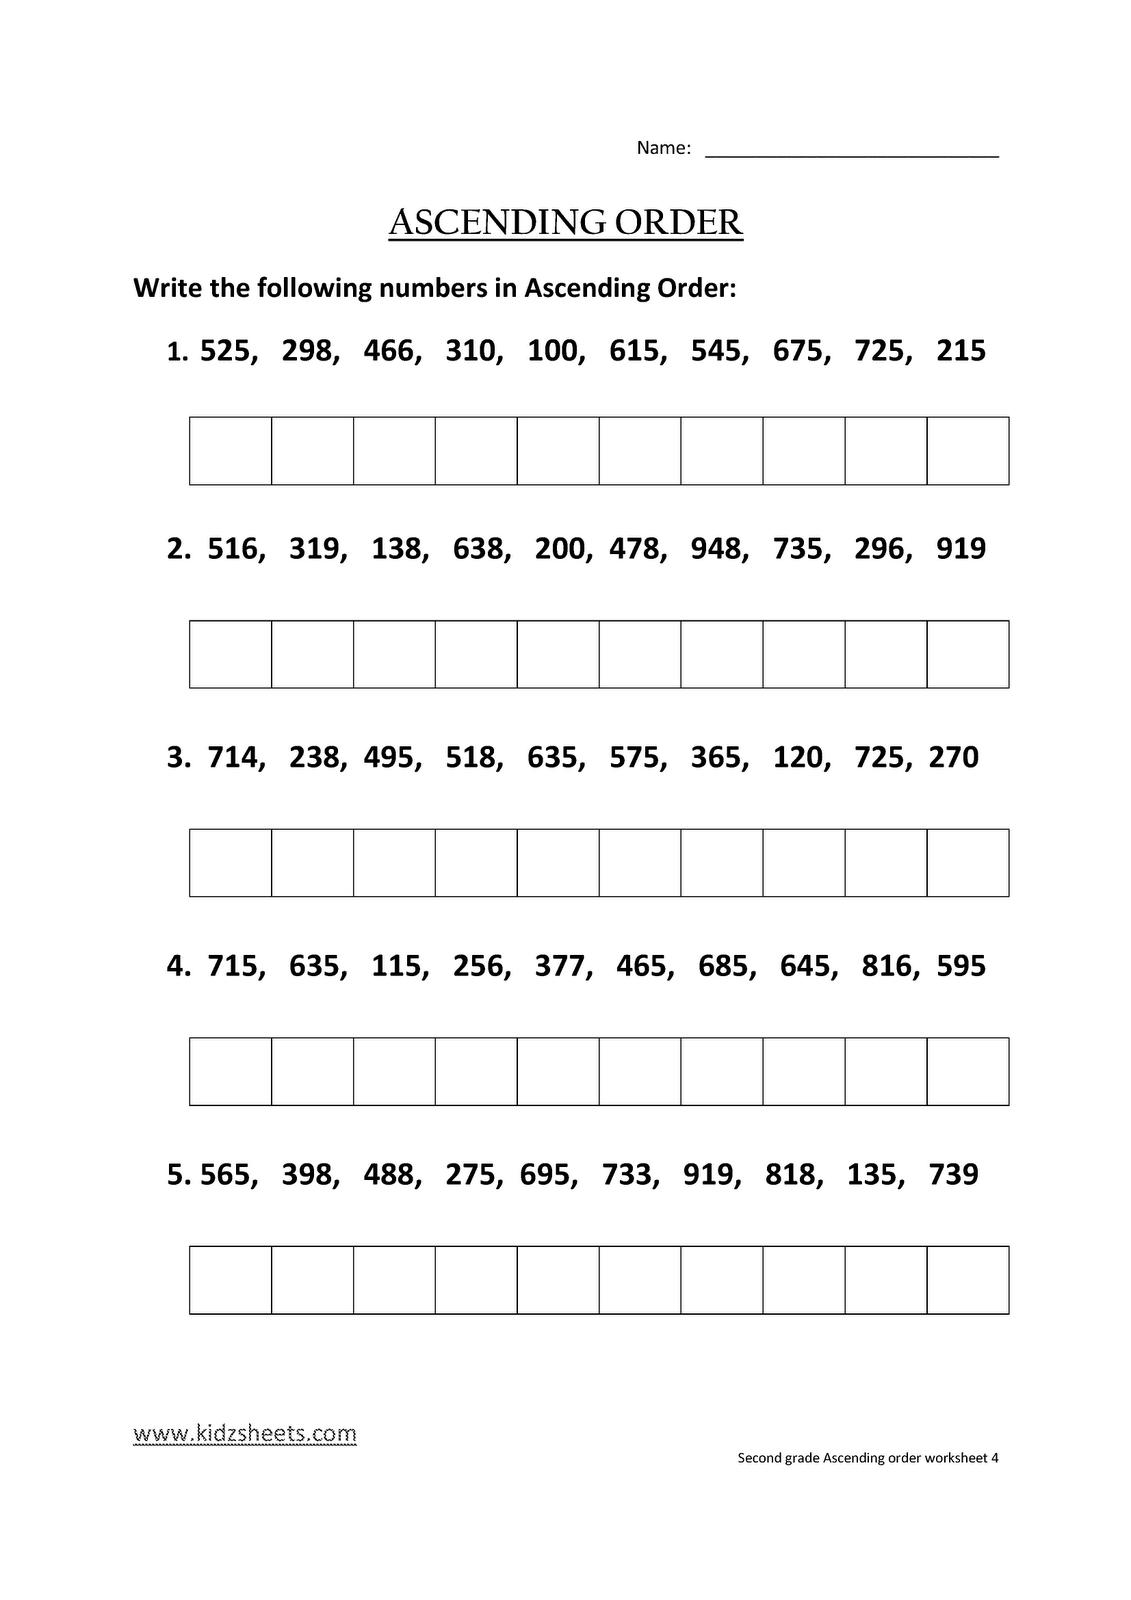 Kidz Worksheets Second Grade Ascending Order Worksheet4